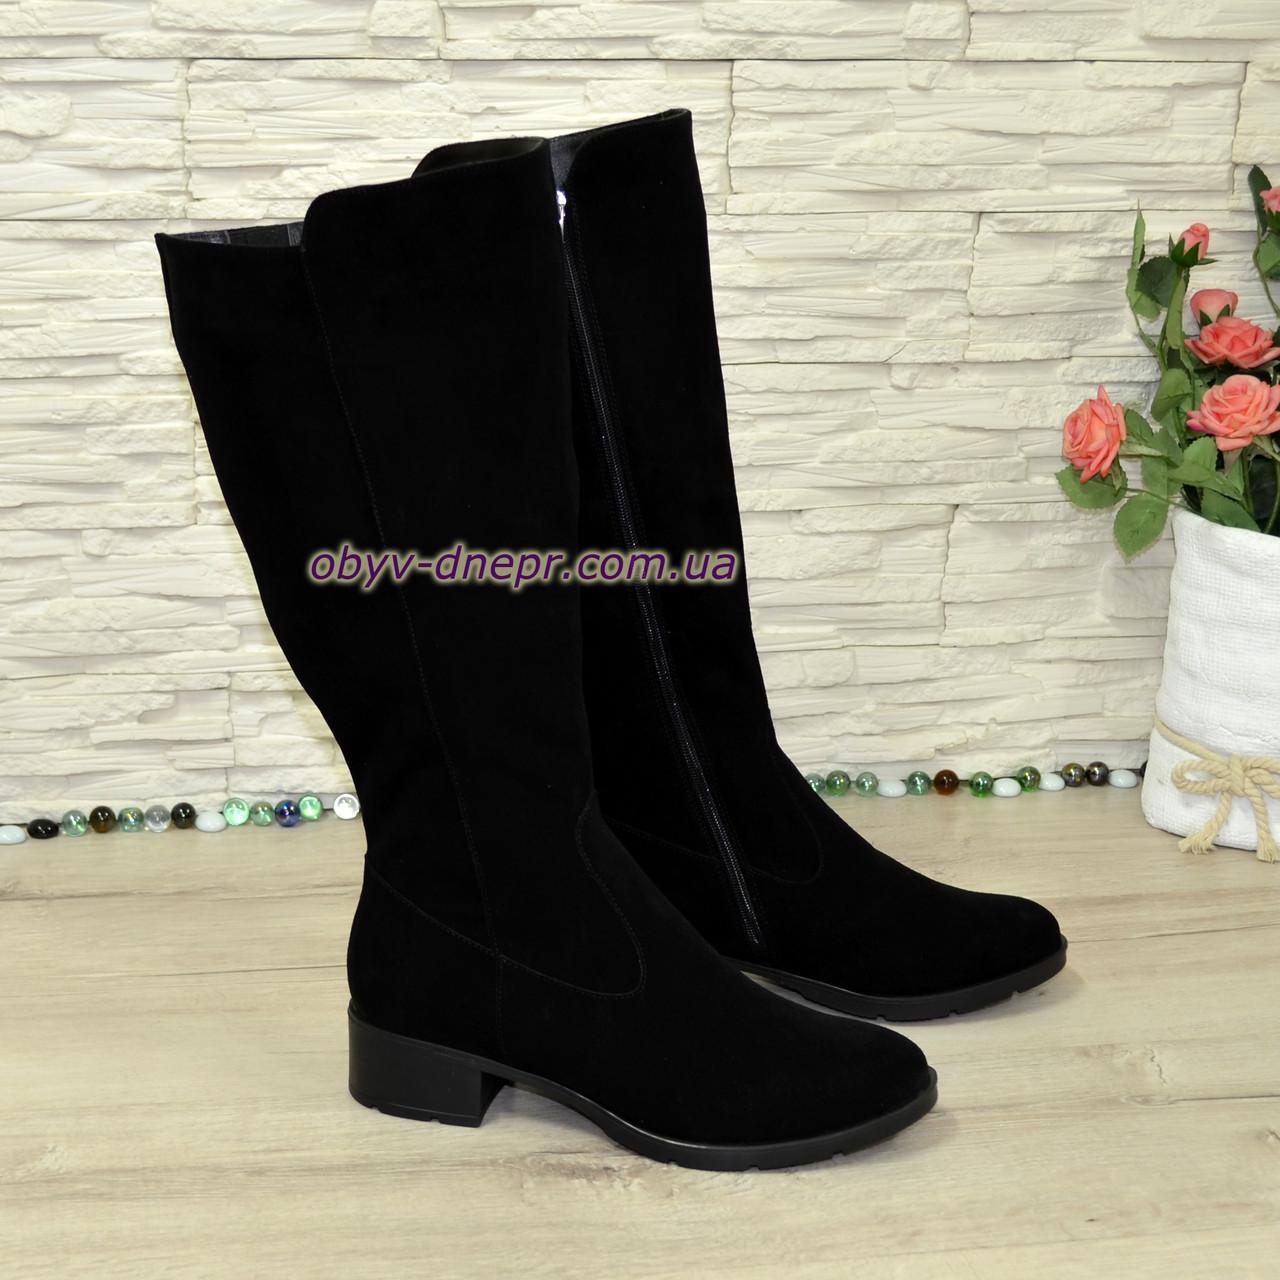 ce355aa82 Сапоги женские замшевые демисезонные на невысоком каблуке, цвет черный